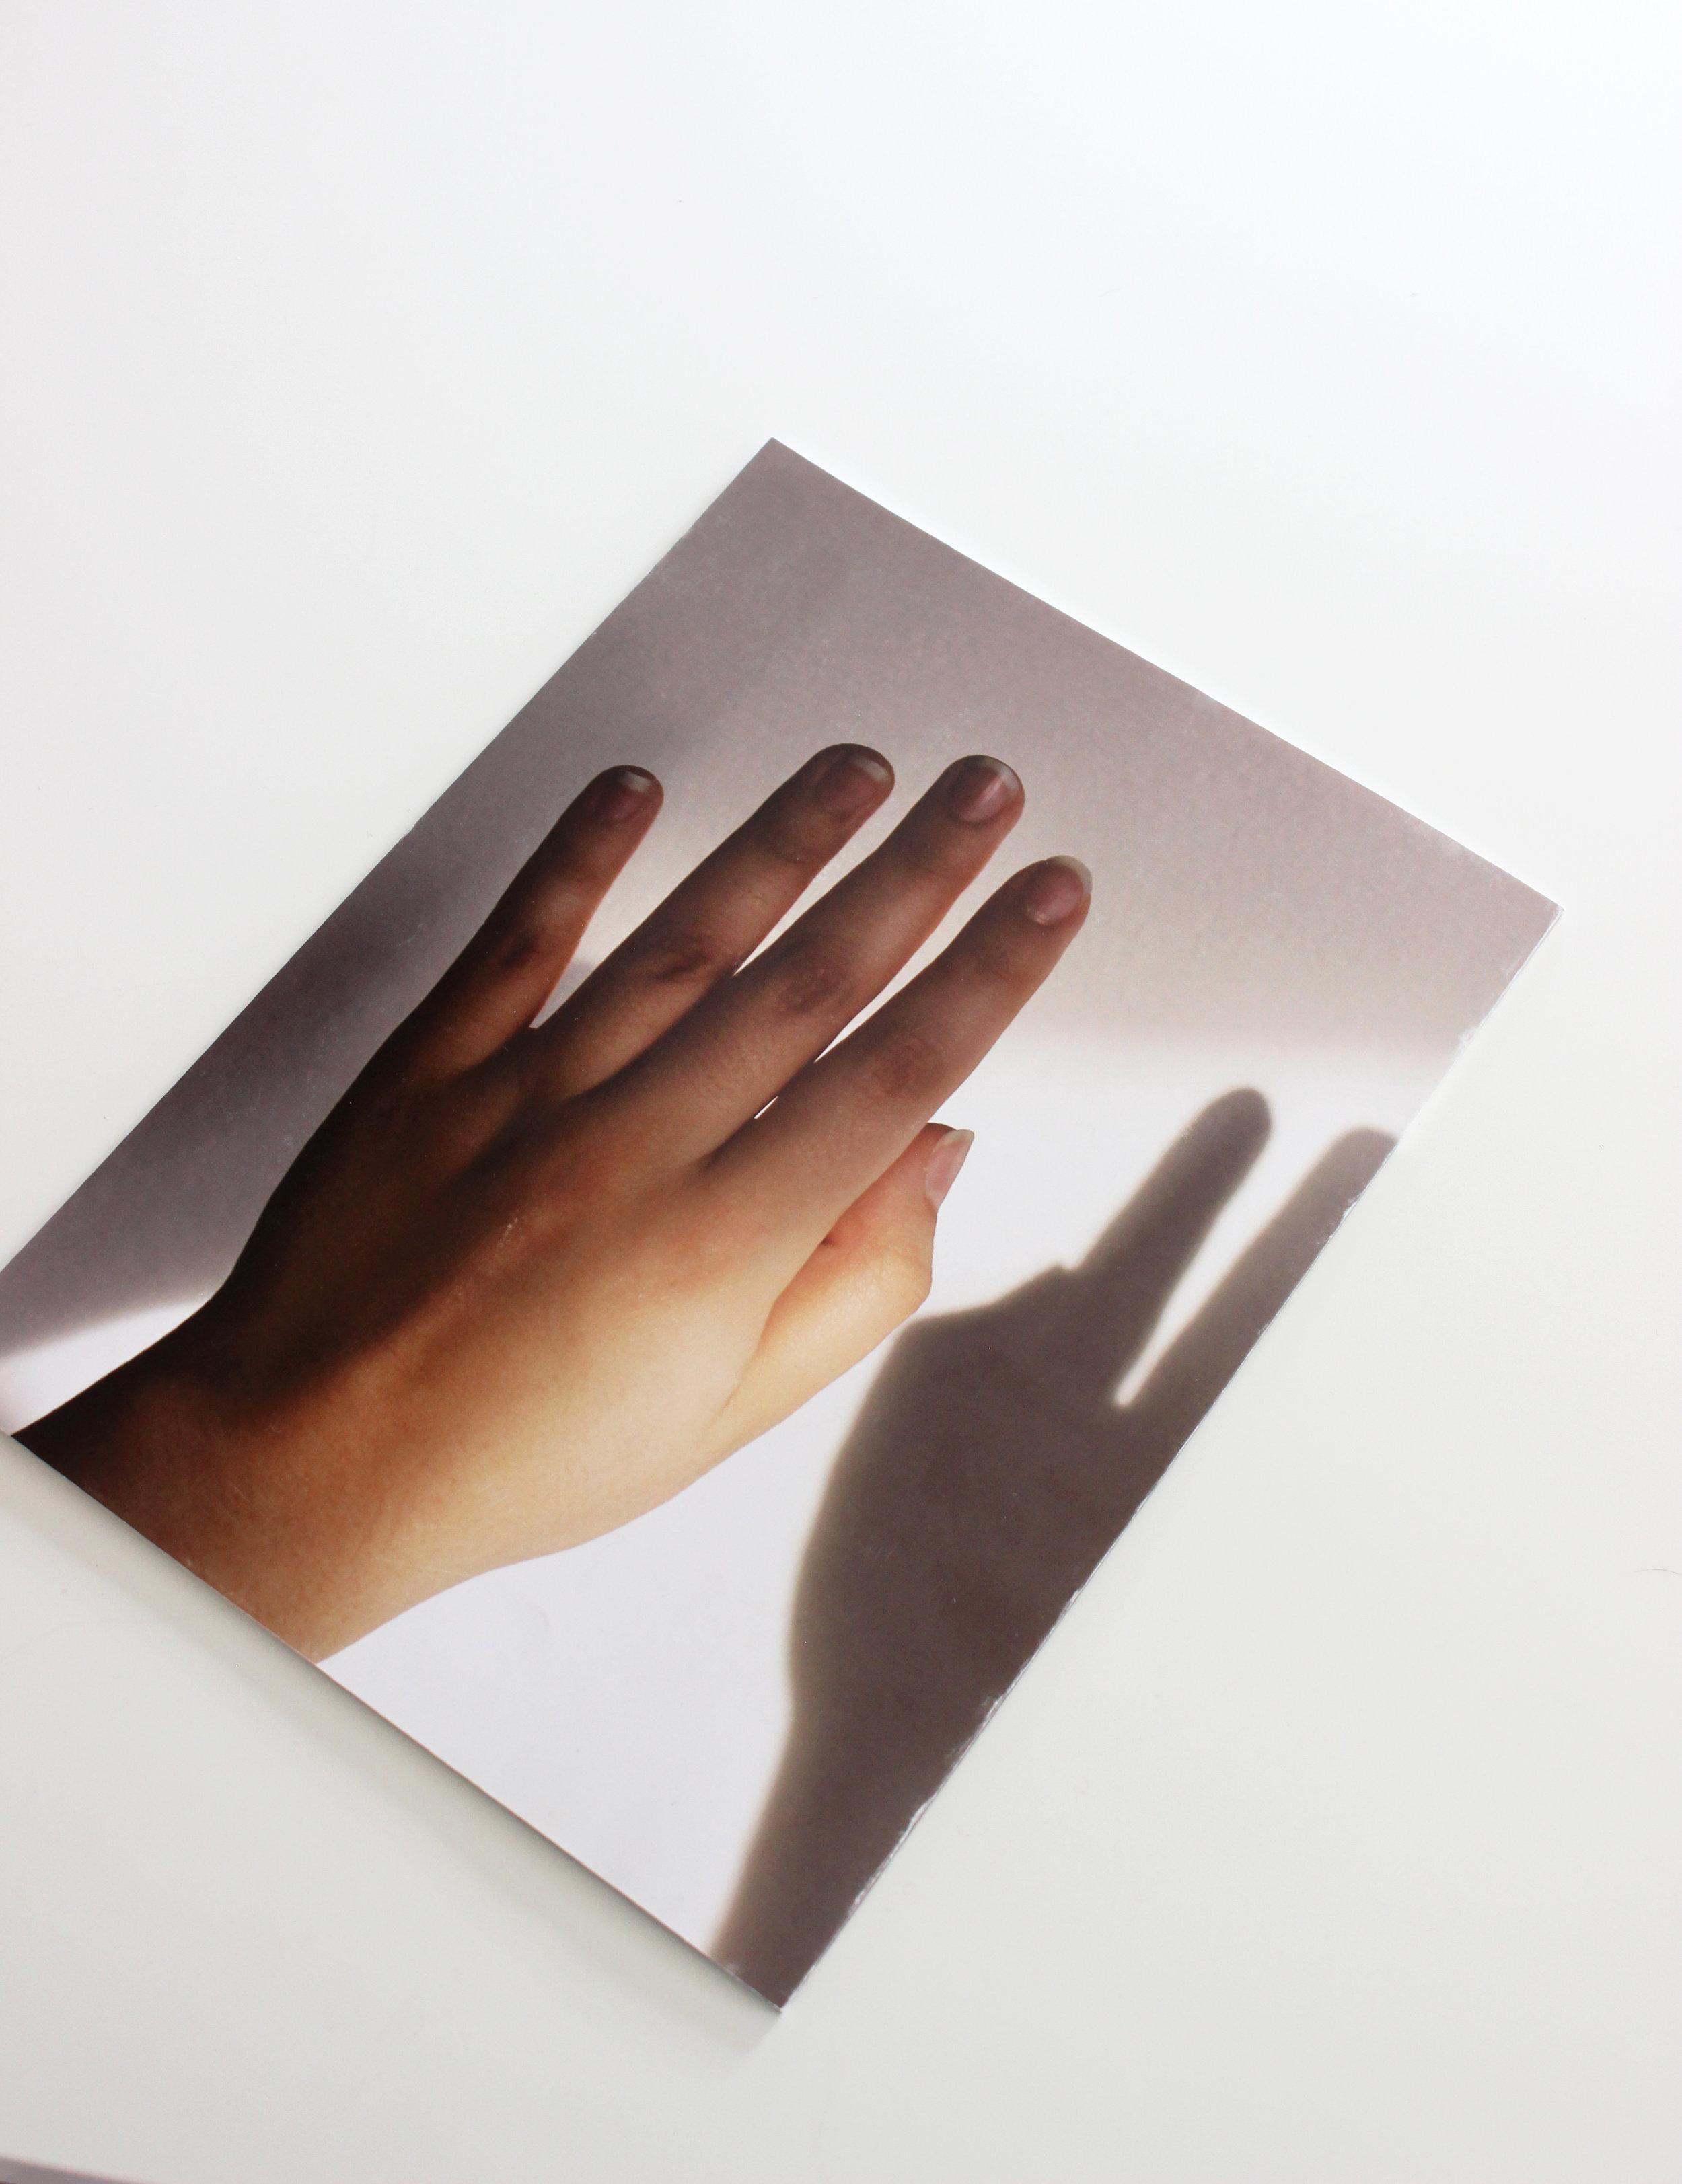 objects1.jpg